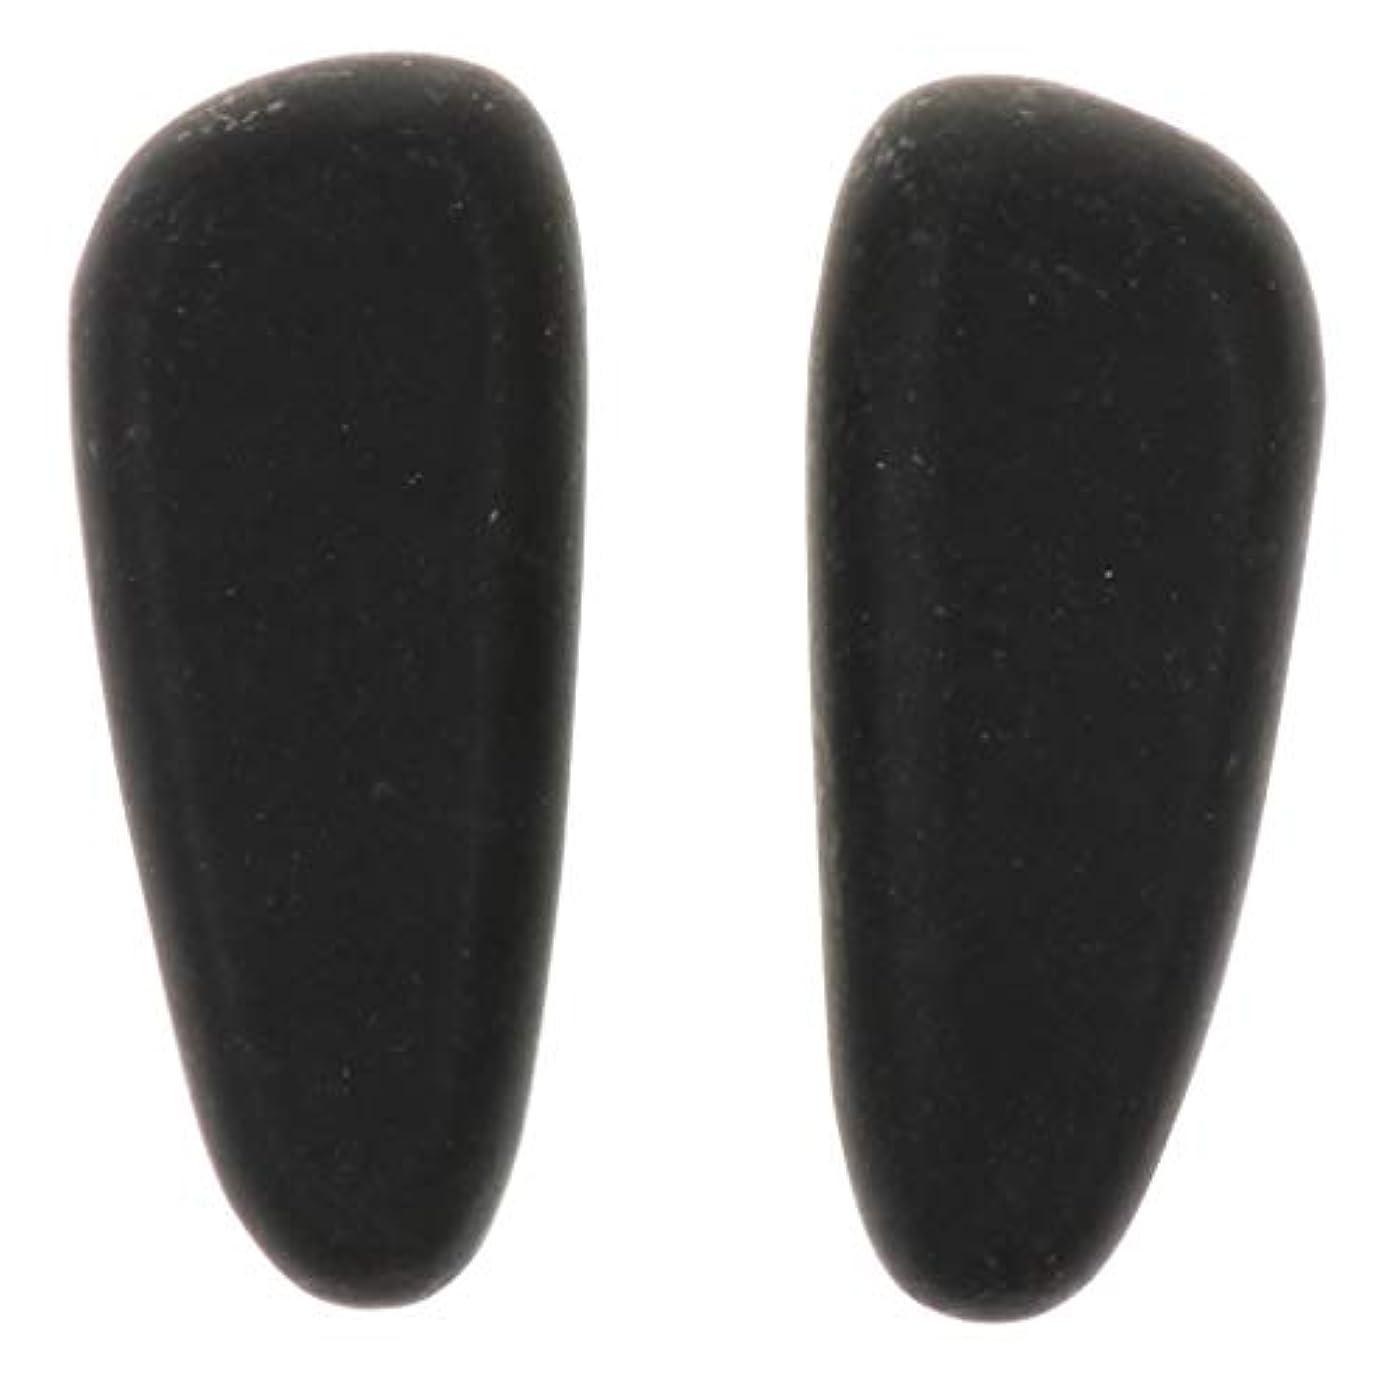 調整可能苗架空のマッサージ石 マッサージストーン 玄武岩 ボディマッサージ ツボ押し リラクゼーション 全2サイズ - 8×3.2×2cm